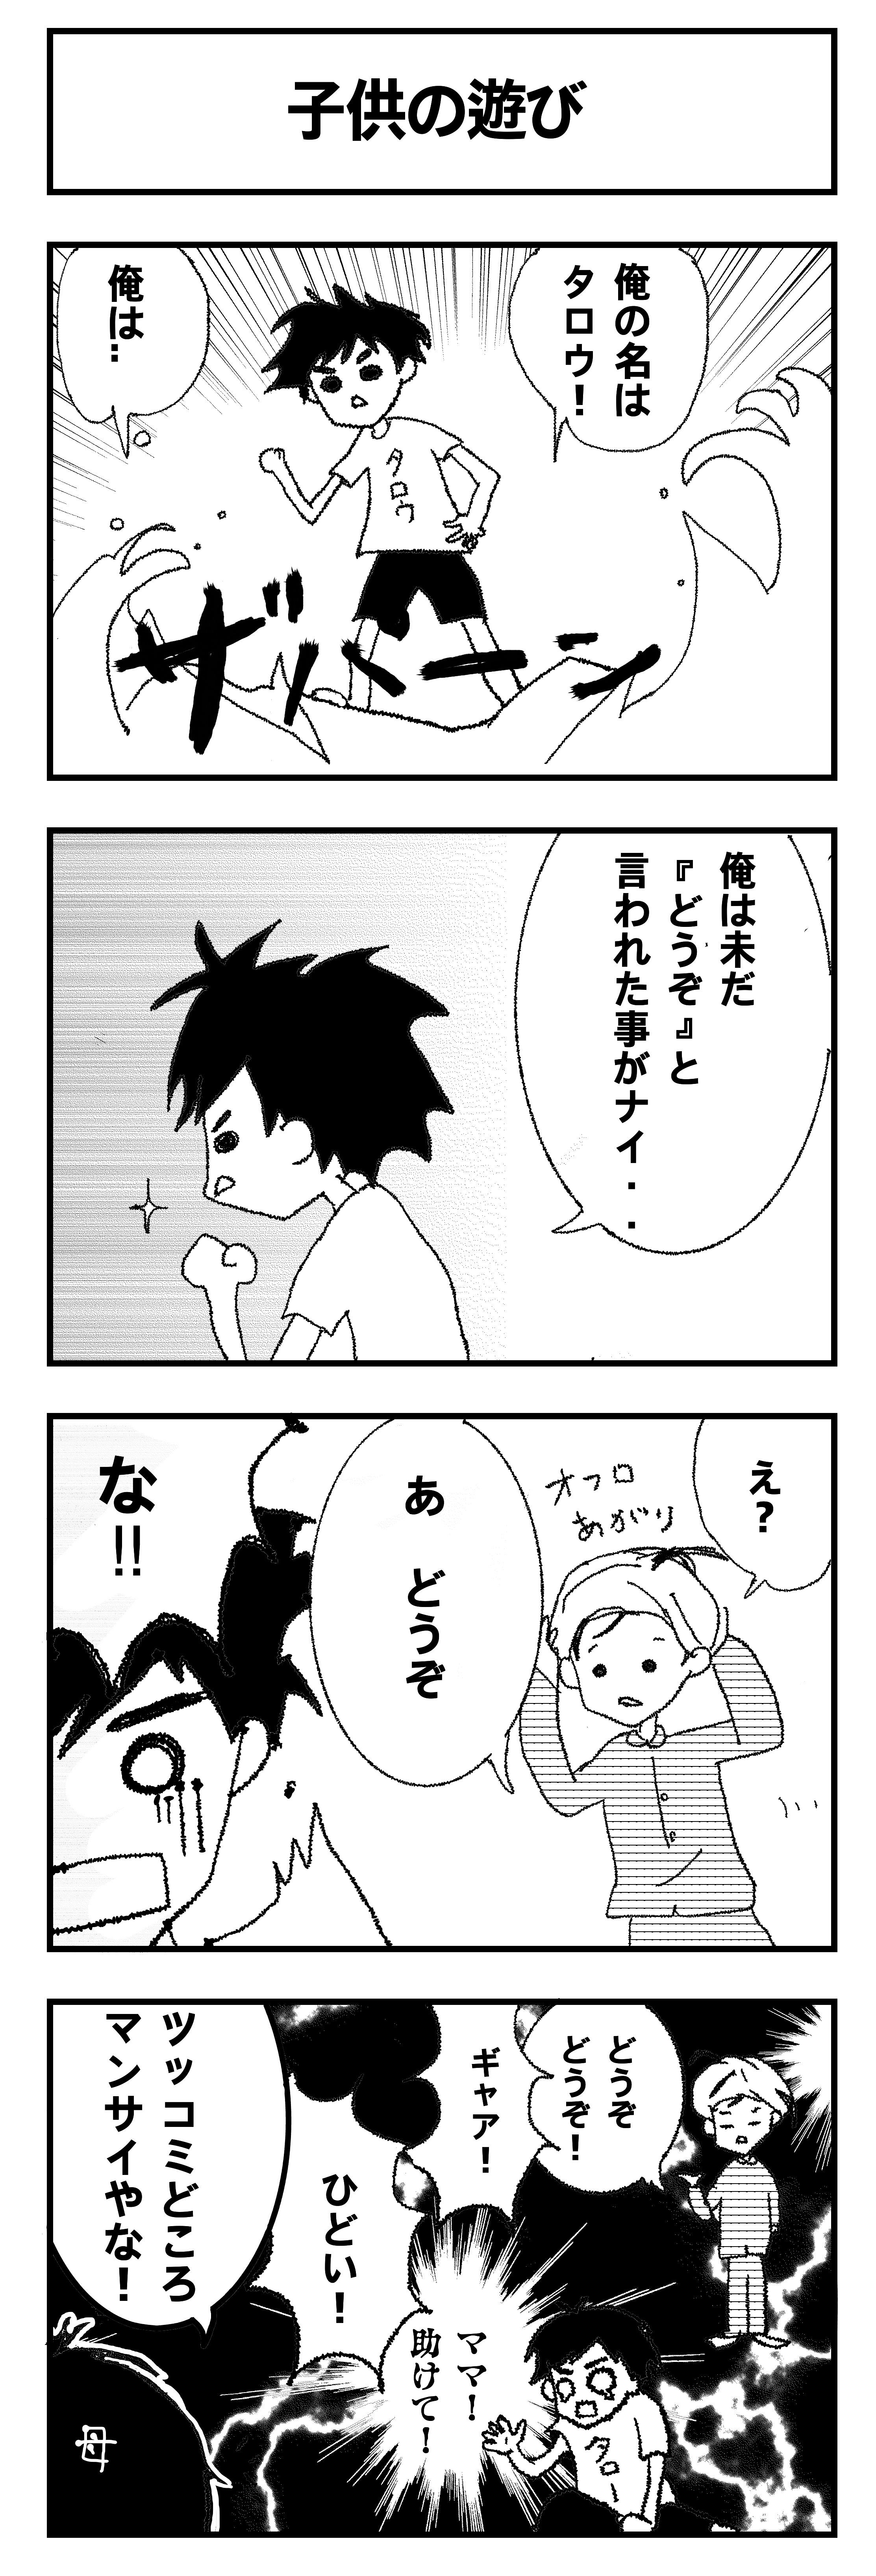 4コマ 子供の遊び